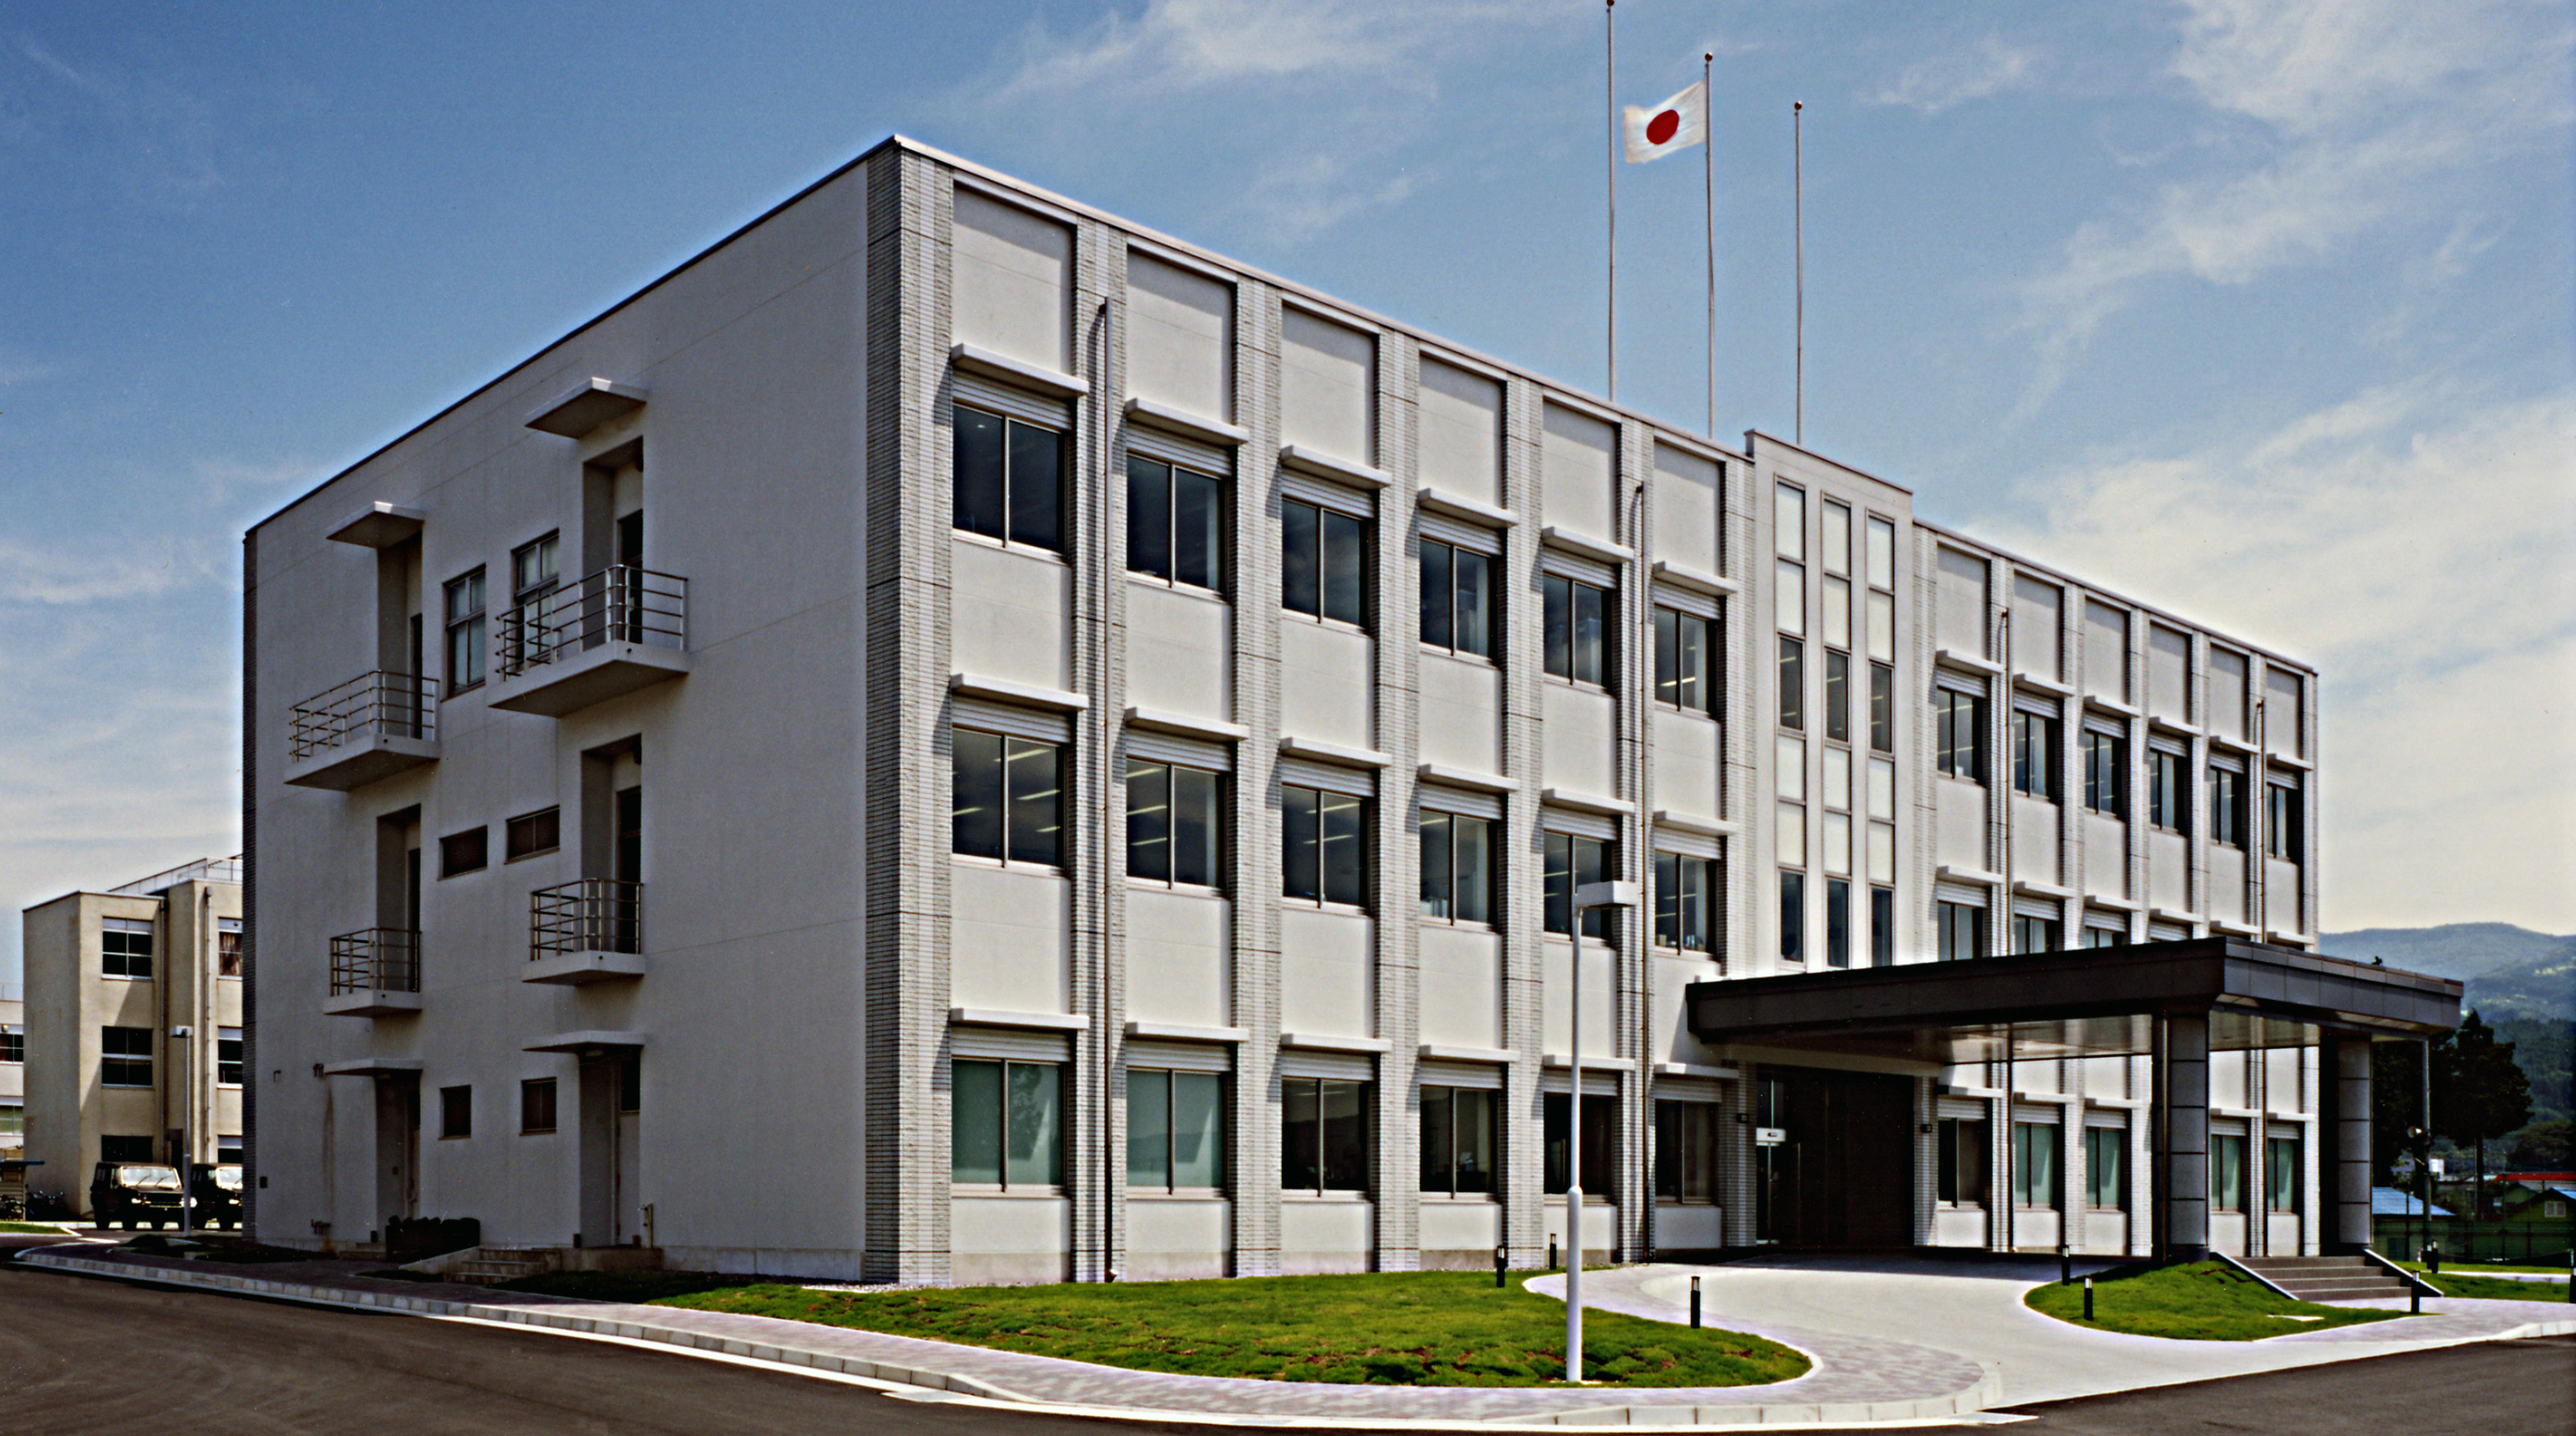 横浜防衛施設局 駒門(17)庁舎イメージ